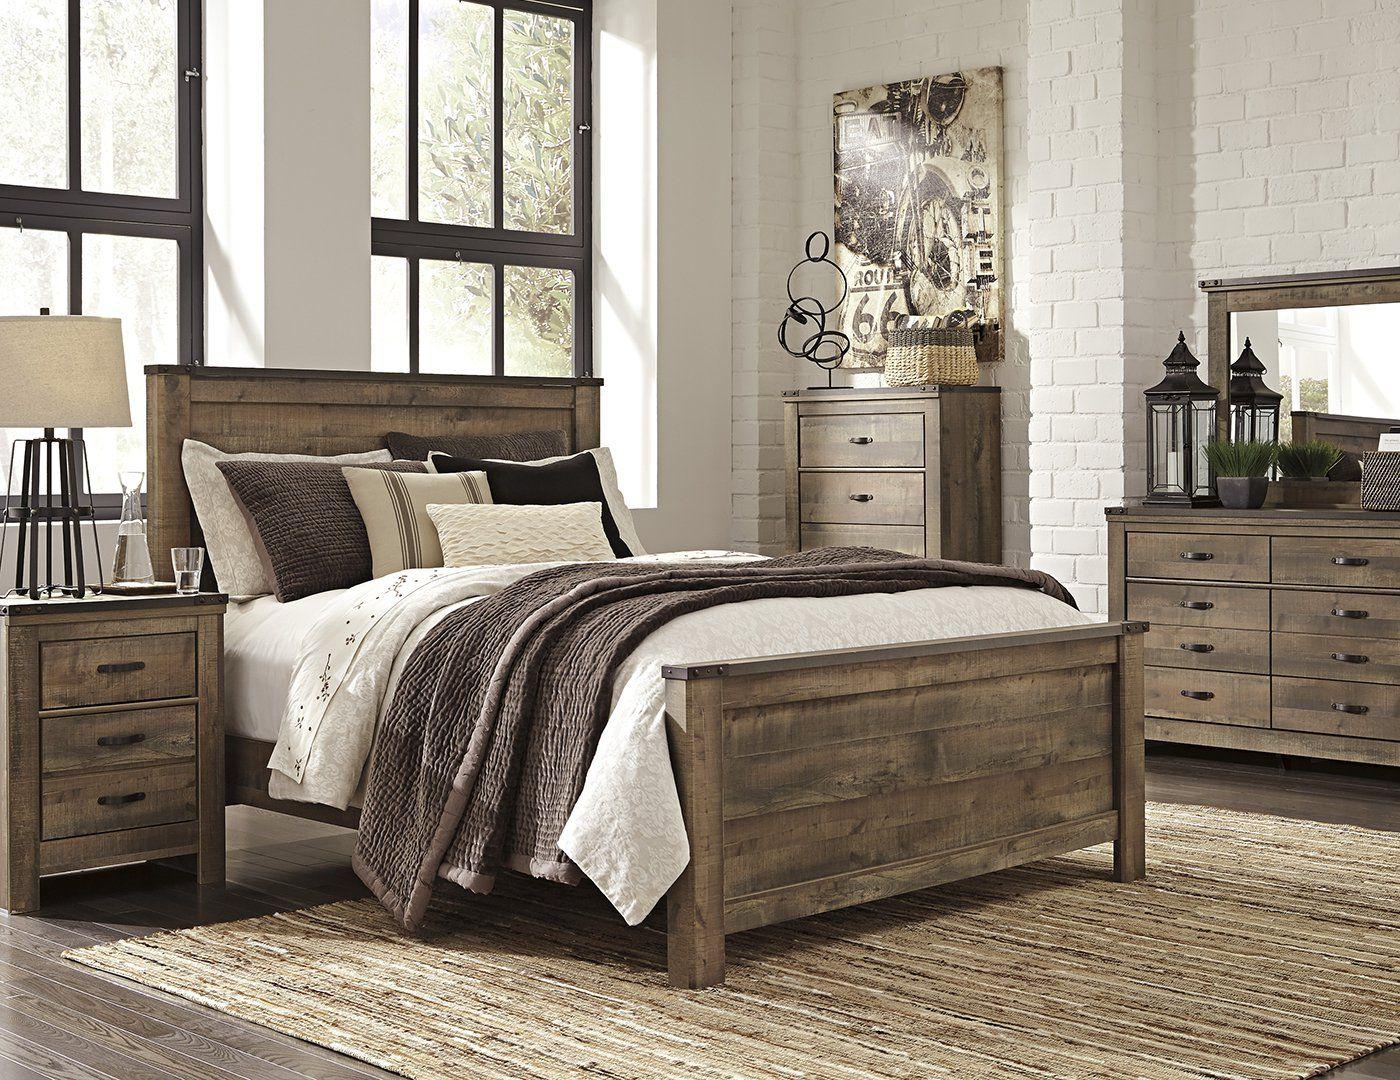 Trinell 5pc. King Bedroom Set King bedroom sets